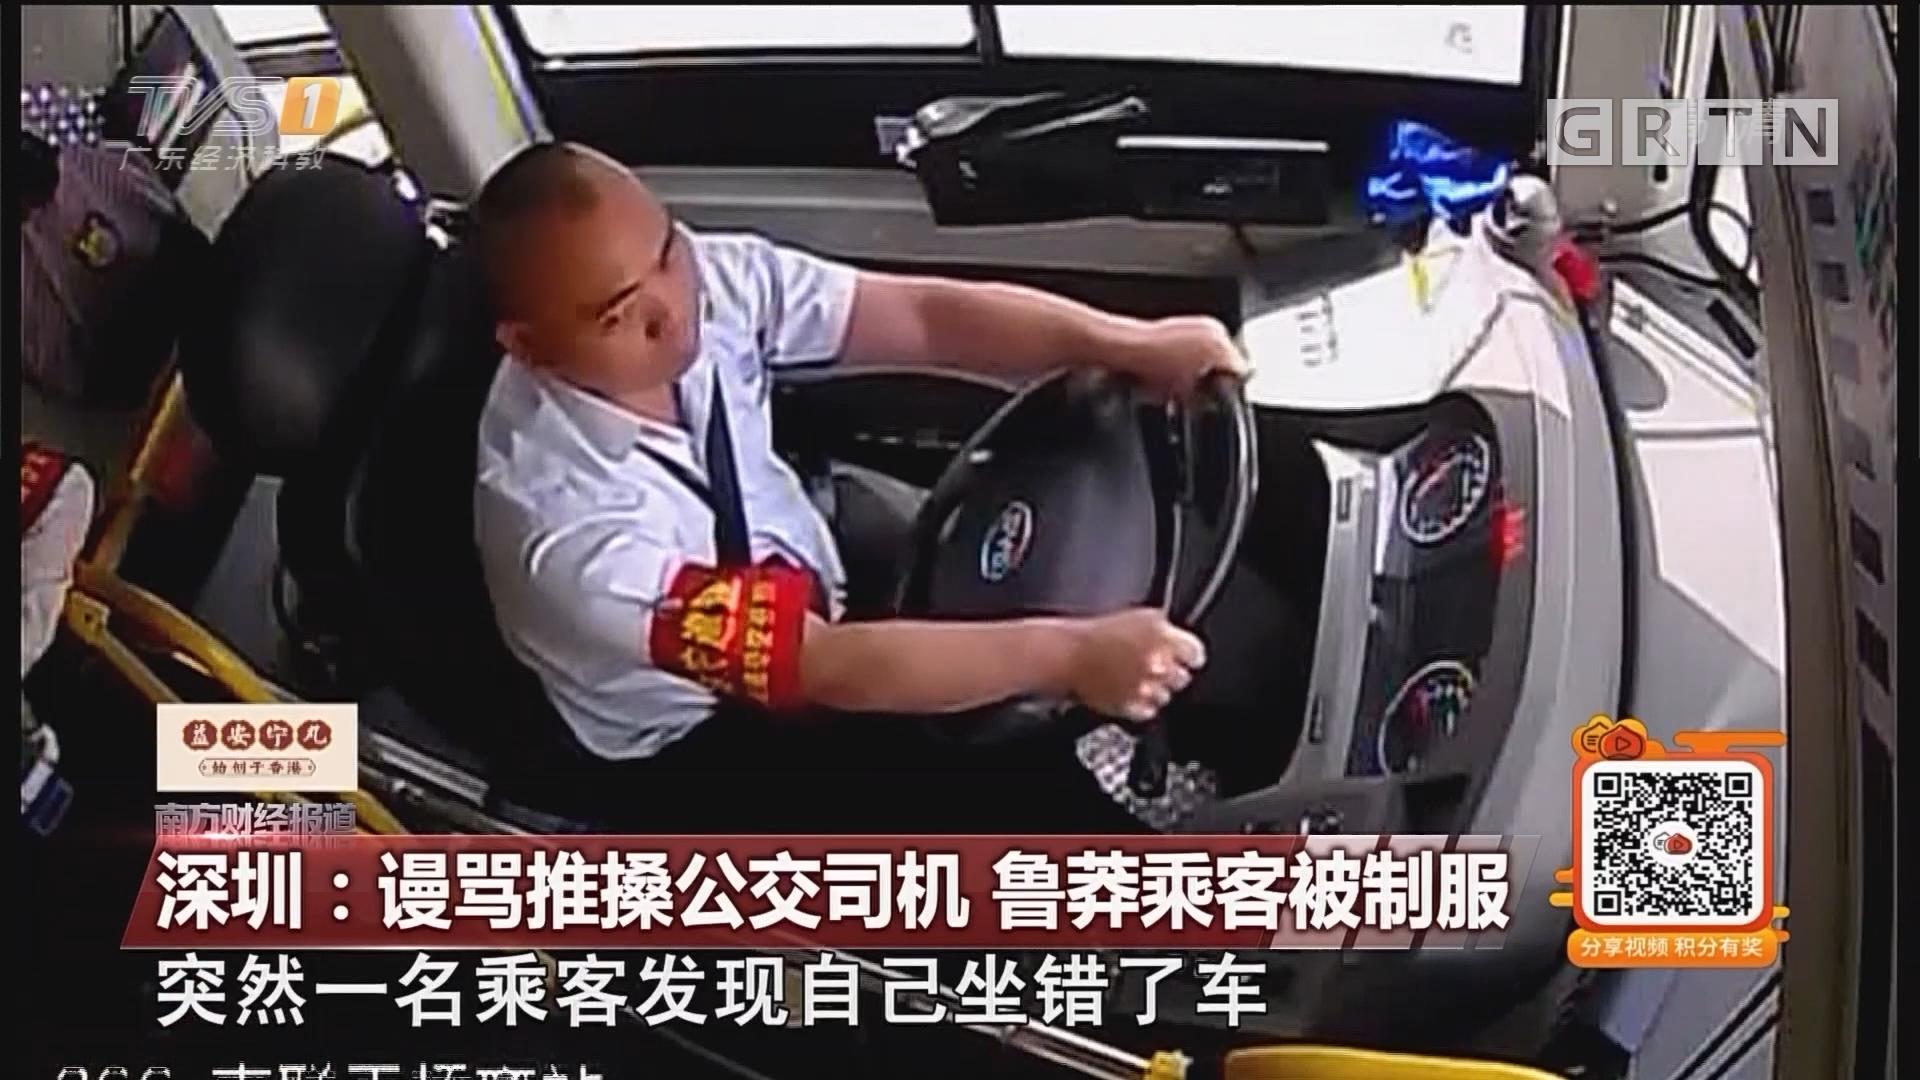 深圳:谩骂推搡公交司机 鲁莽乘客被制服